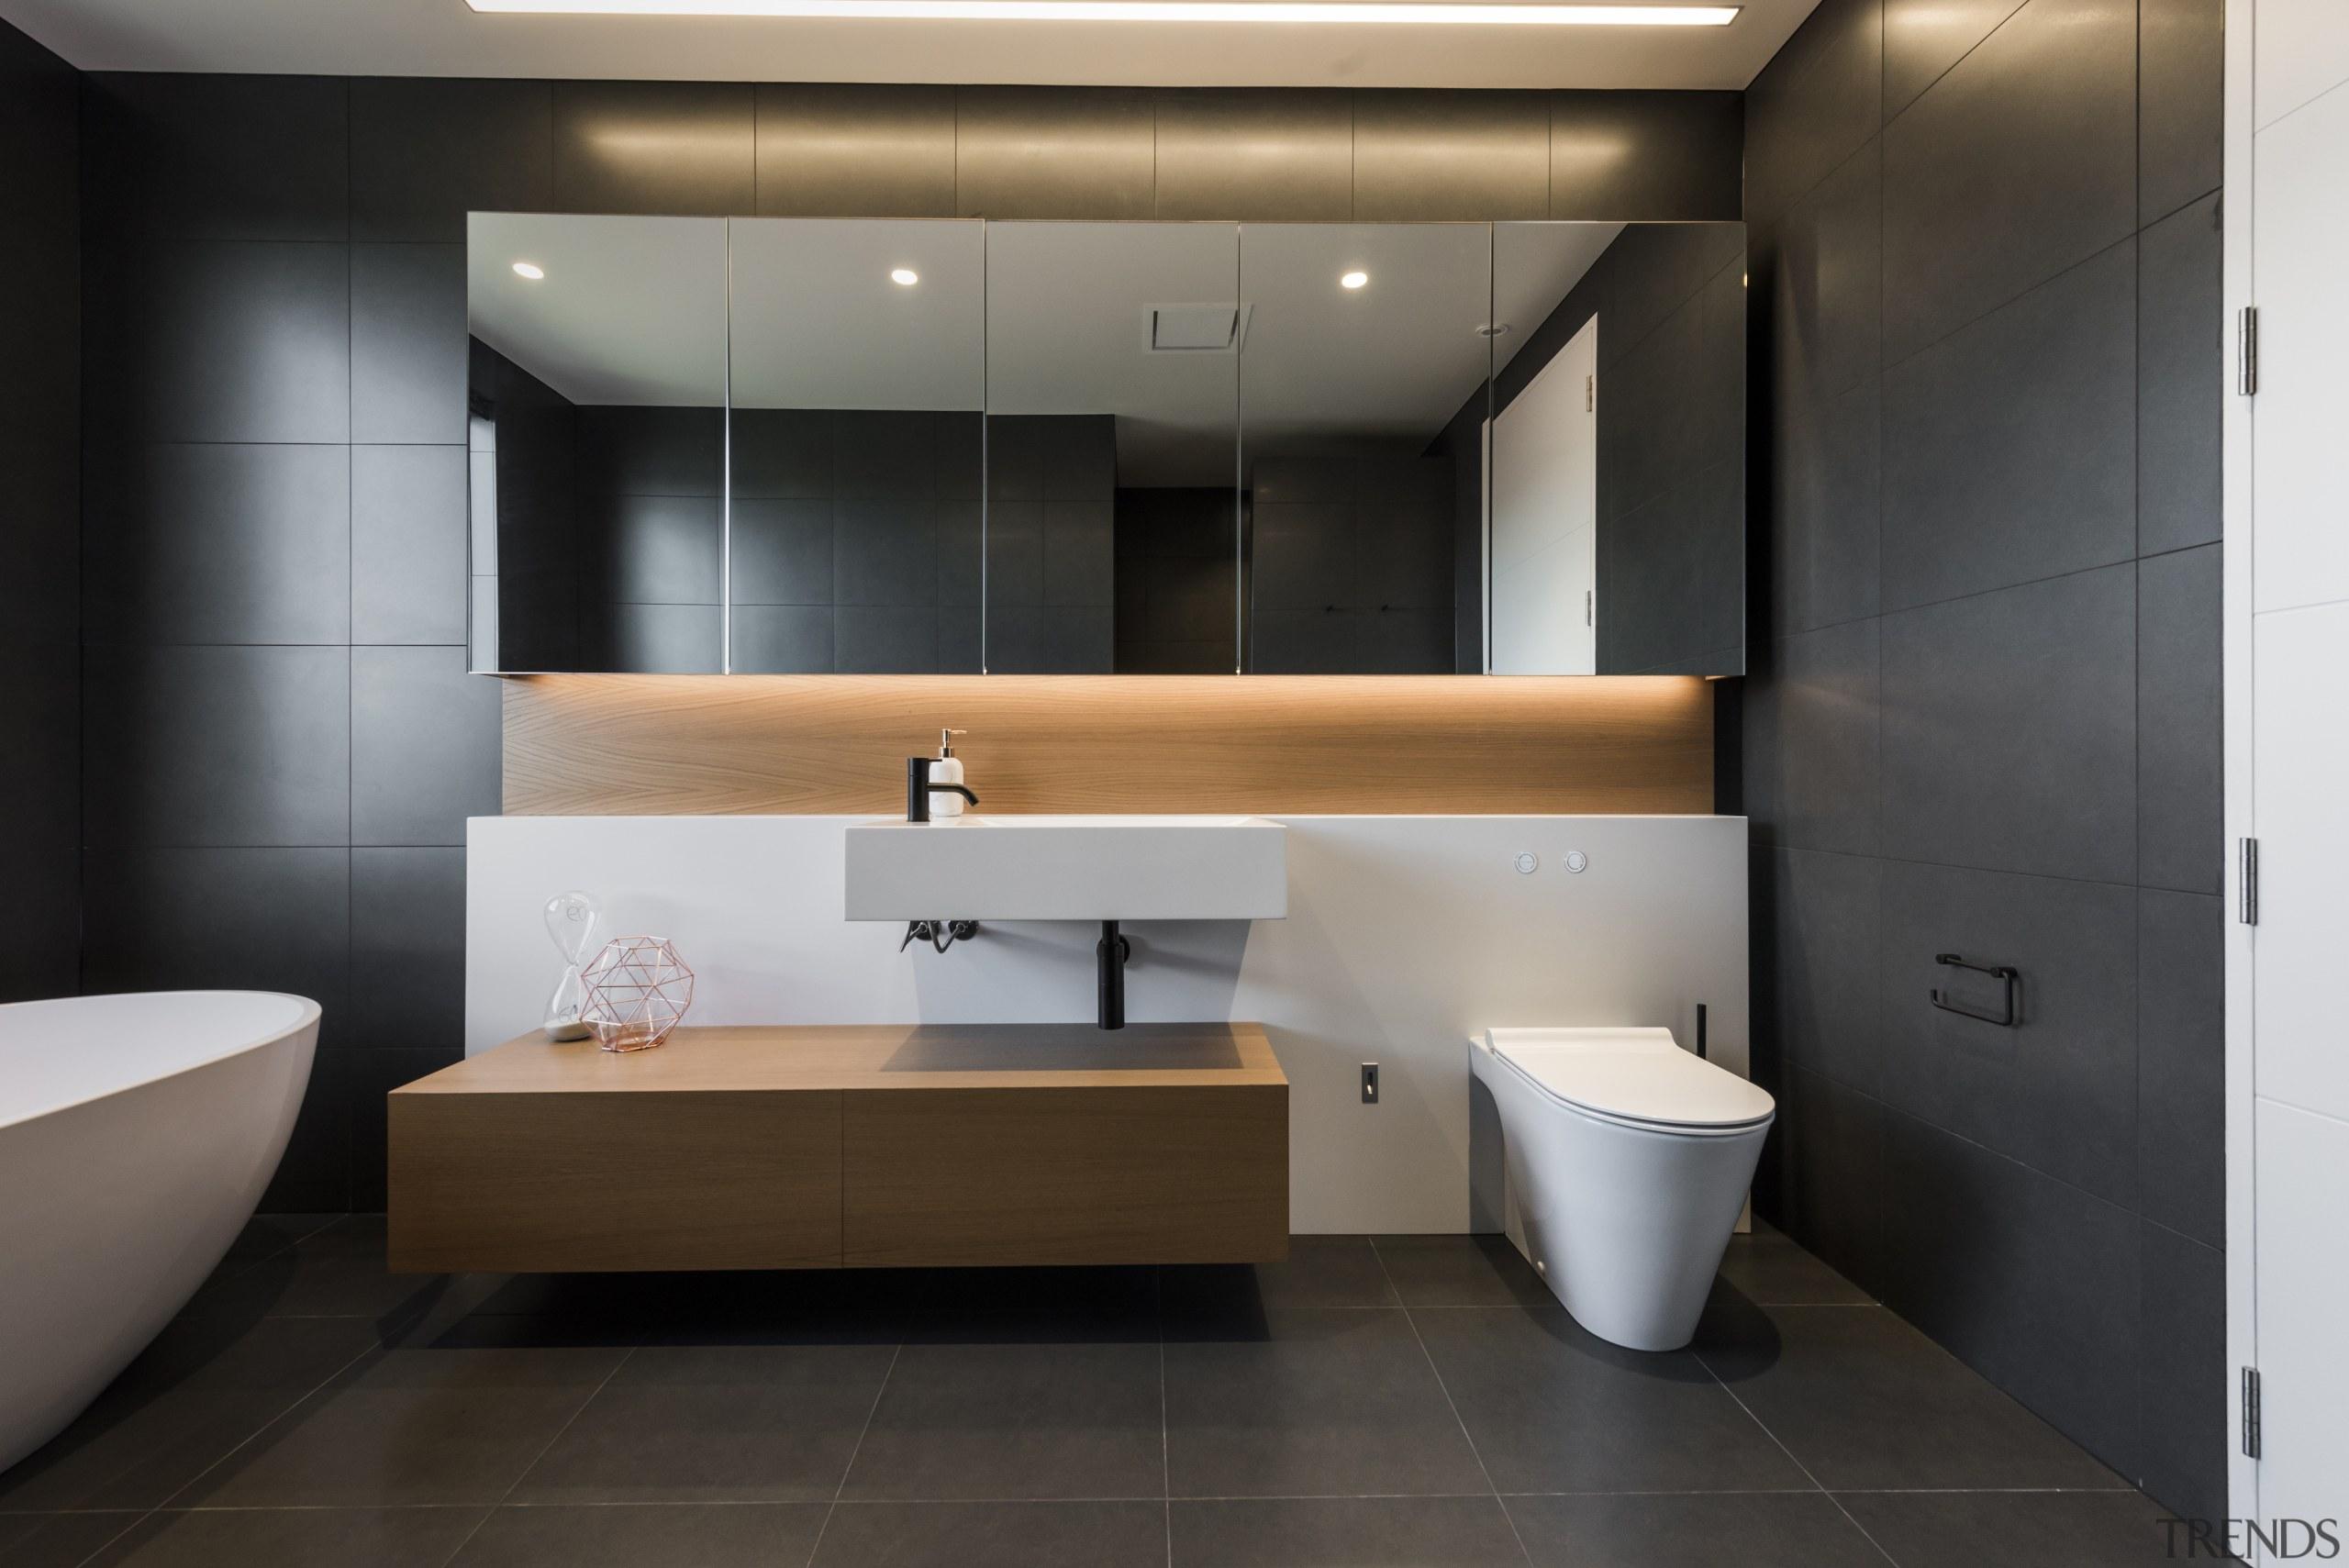 Detail by Davinia Sutton – Runner-up – TIDA bathroom, floor, flooring, interior design, room, sink, black, gray